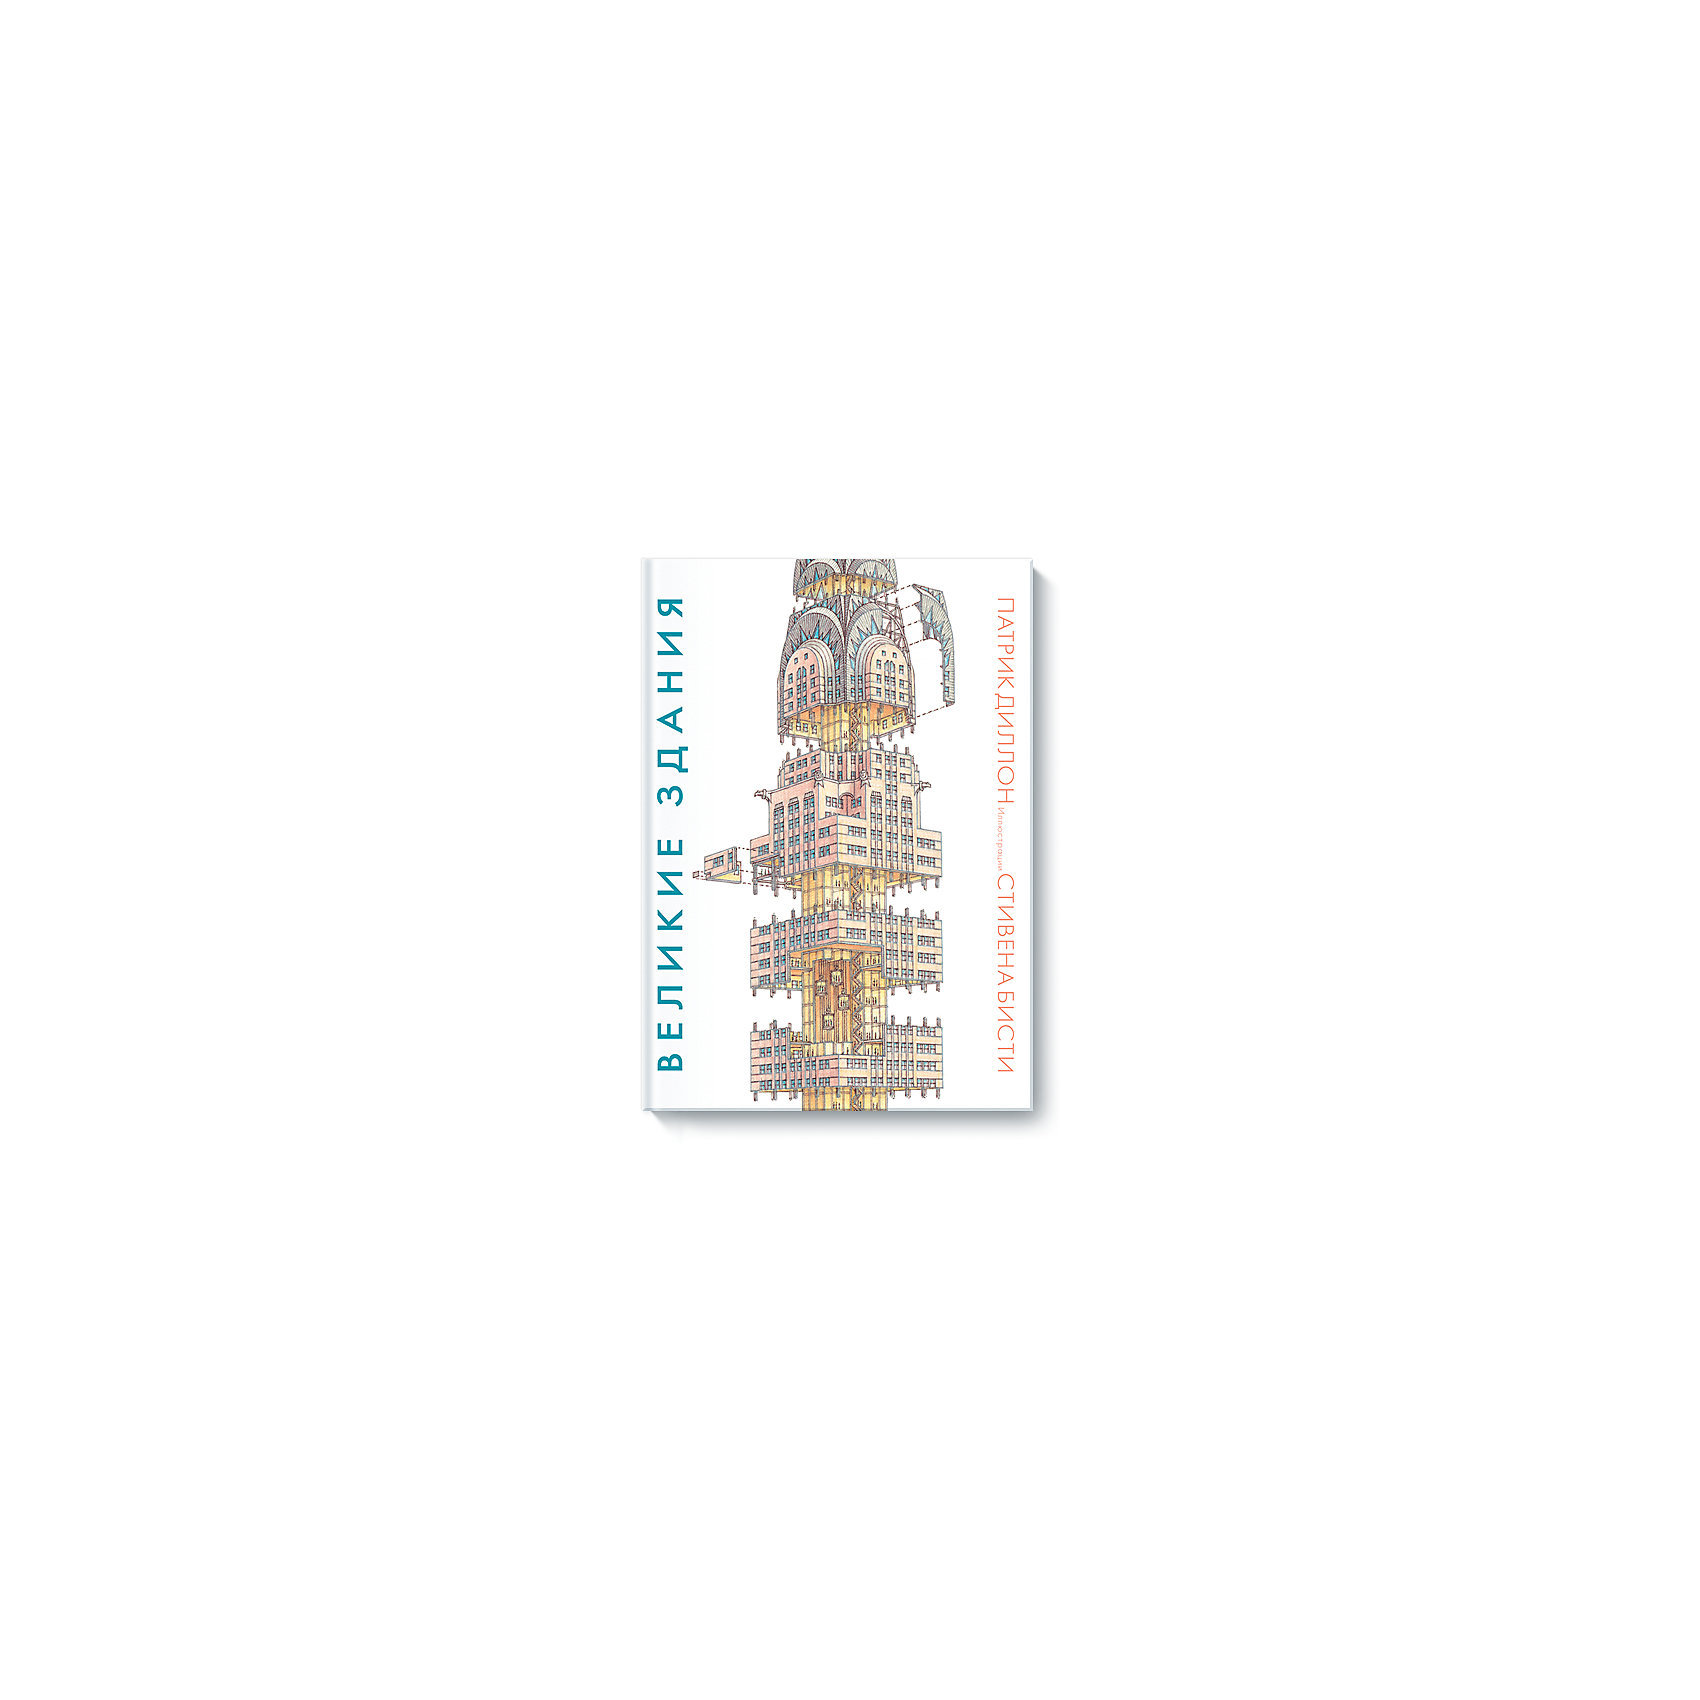 Мировая архитектура в разрезе: от египетских пирамид до Центра ПомпидуДетские энциклопедии<br>Характеристики товара: <br><br>• ISBN: 9785000576571<br>• возраст от: 10 лет<br>• формат: 70x108/8<br>• бумага: мелованная<br>• обложка: твердая<br>• издательство: Манн, Иванов и Фербер<br>• иллюстрации: цветные<br>• автор: Диллон Патрик<br>• художник: Бисти Стивен<br>• переводчик: Ивченко Елена<br>• количество страниц: 96<br>• размеры: 34x27 см<br><br>Издание «Великие здания: Мировая архитектура в разрезе: от египетских пирамид до Центра Помпиду» поможет детям узнать больше о самых известных на свете зданиях, откроет секреты великих архитекторов.<br><br>Яркие картинки, доступный язык, интересные факты и рассказы помогут ребенку узнать много нового, а также подстегнуть тягу к знаниям.<br><br>Книгу «Великие здания: Мировая архитектура в разрезе: от египетских пирамид до Центра Помпиду» можно купить в нашем интернет-магазине.<br><br>Ширина мм: 273<br>Глубина мм: 312<br>Высота мм: 180<br>Вес г: 956<br>Возраст от месяцев: 144<br>Возраст до месяцев: 168<br>Пол: Унисекс<br>Возраст: Детский<br>SKU: 5535127